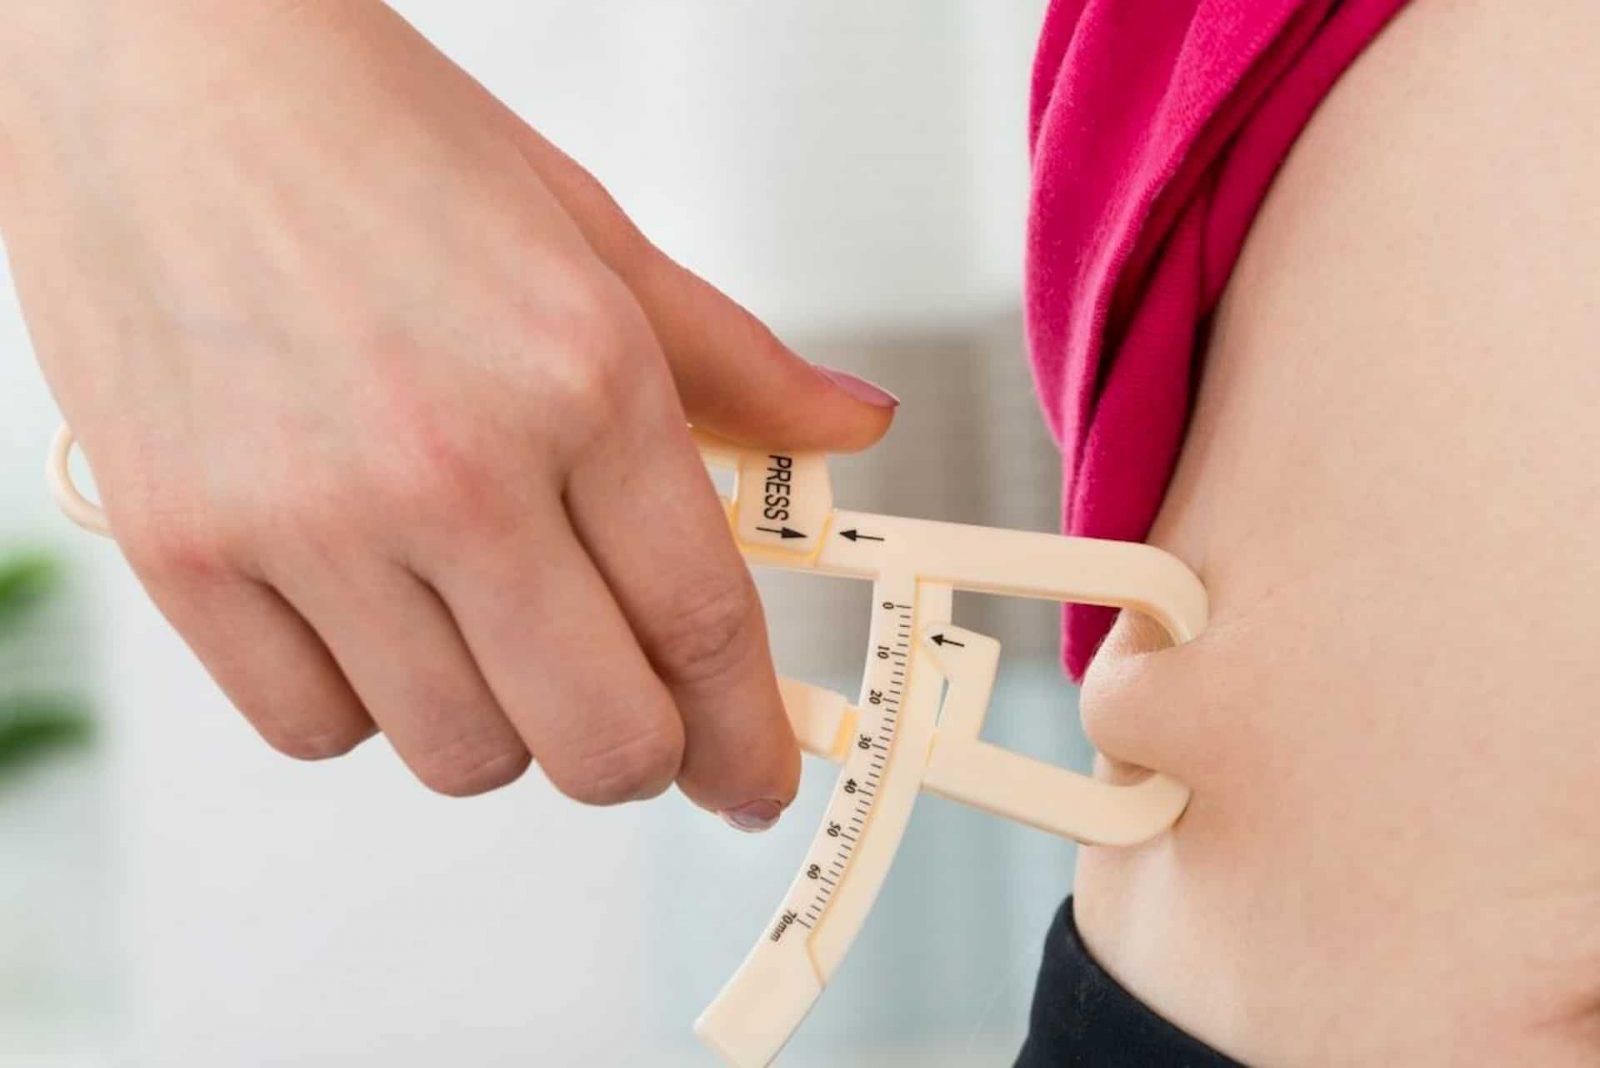 La cirugía bariátrica para ganar salud y revertir enfermedades de la obesidad